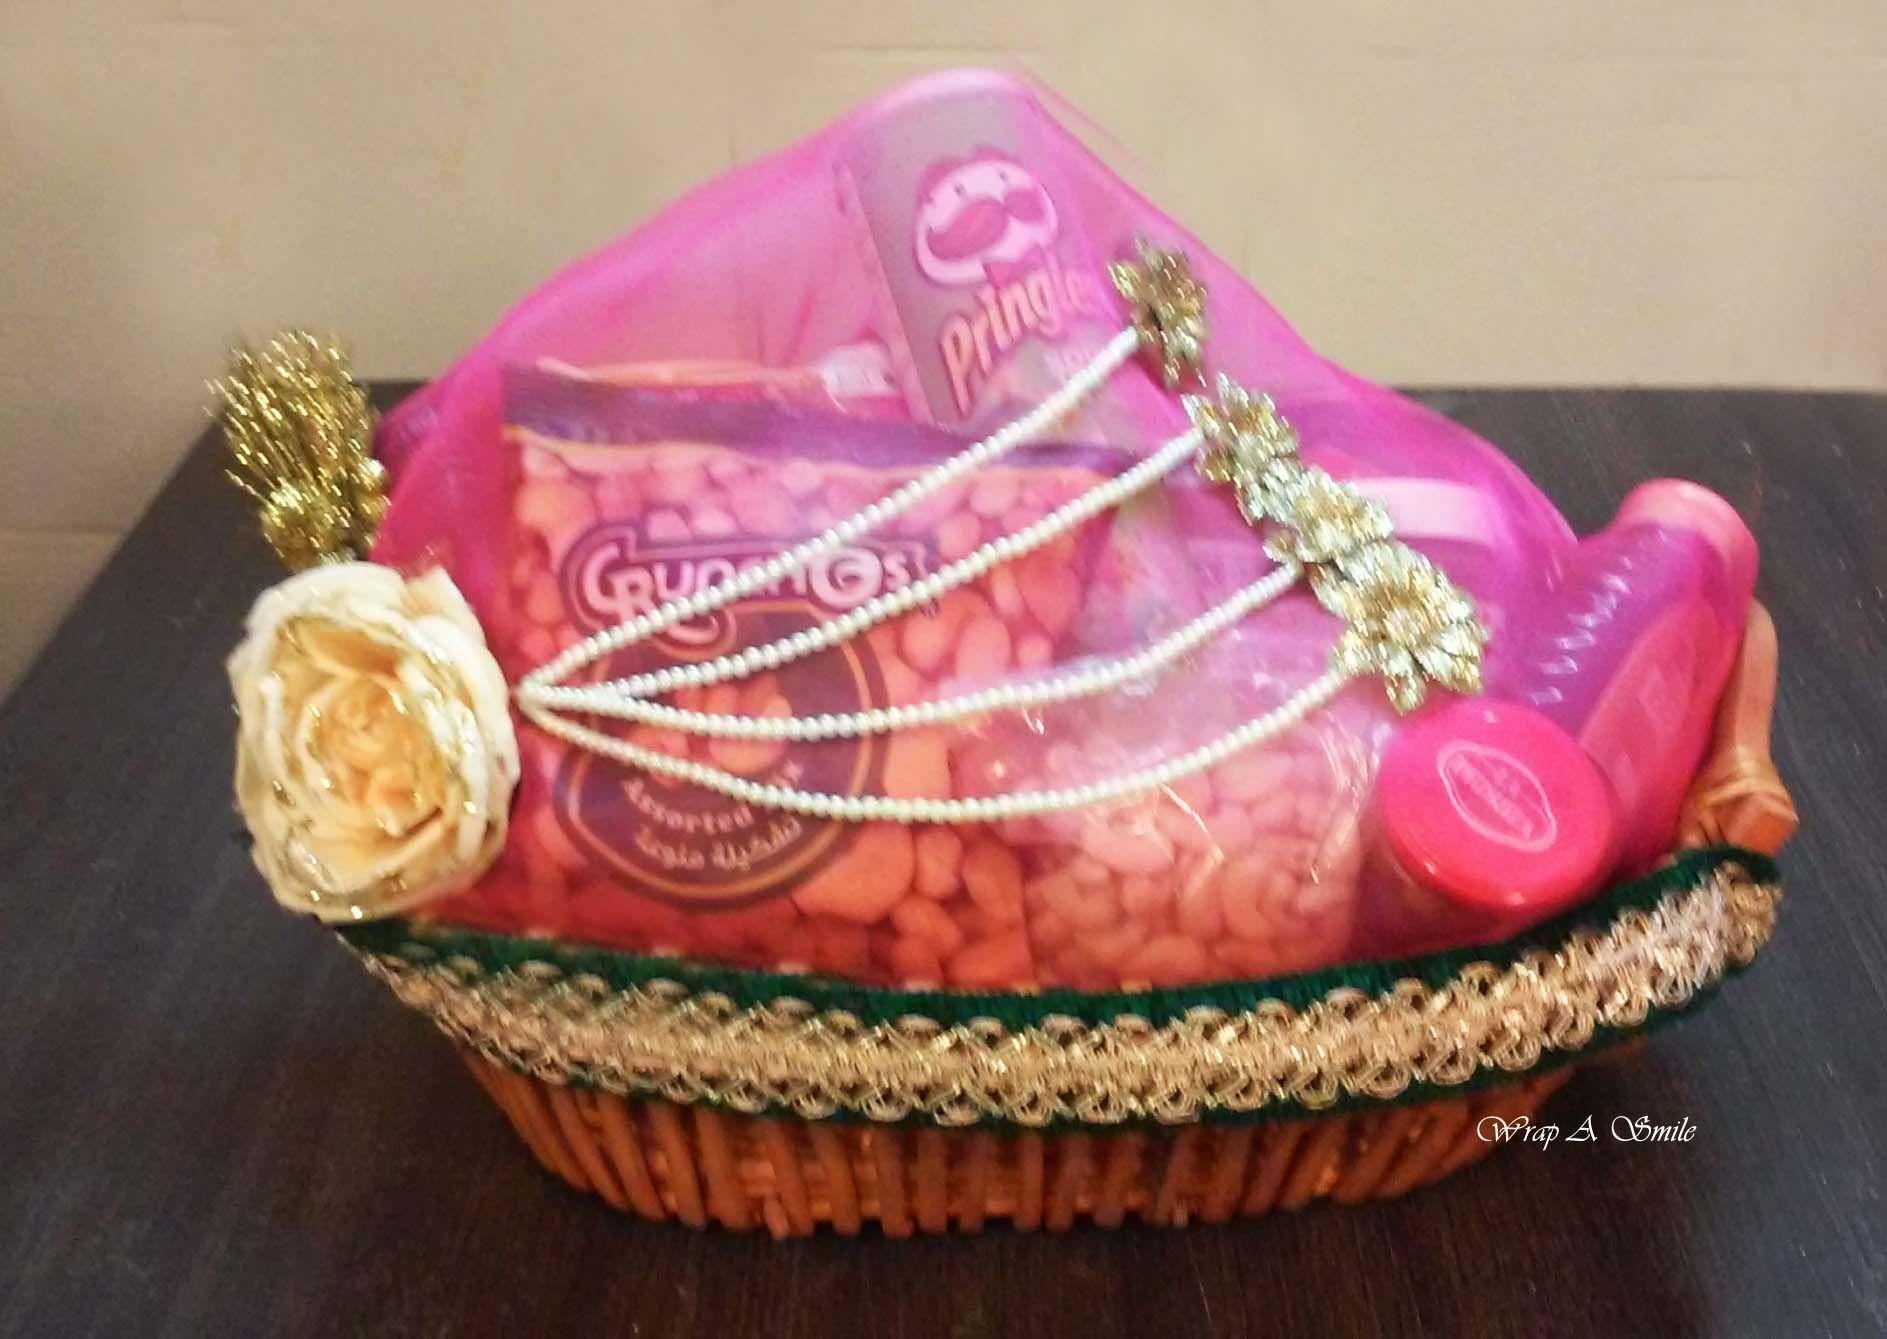 Shagun Wedding Hamper Baskets designed At Wrap A Smile